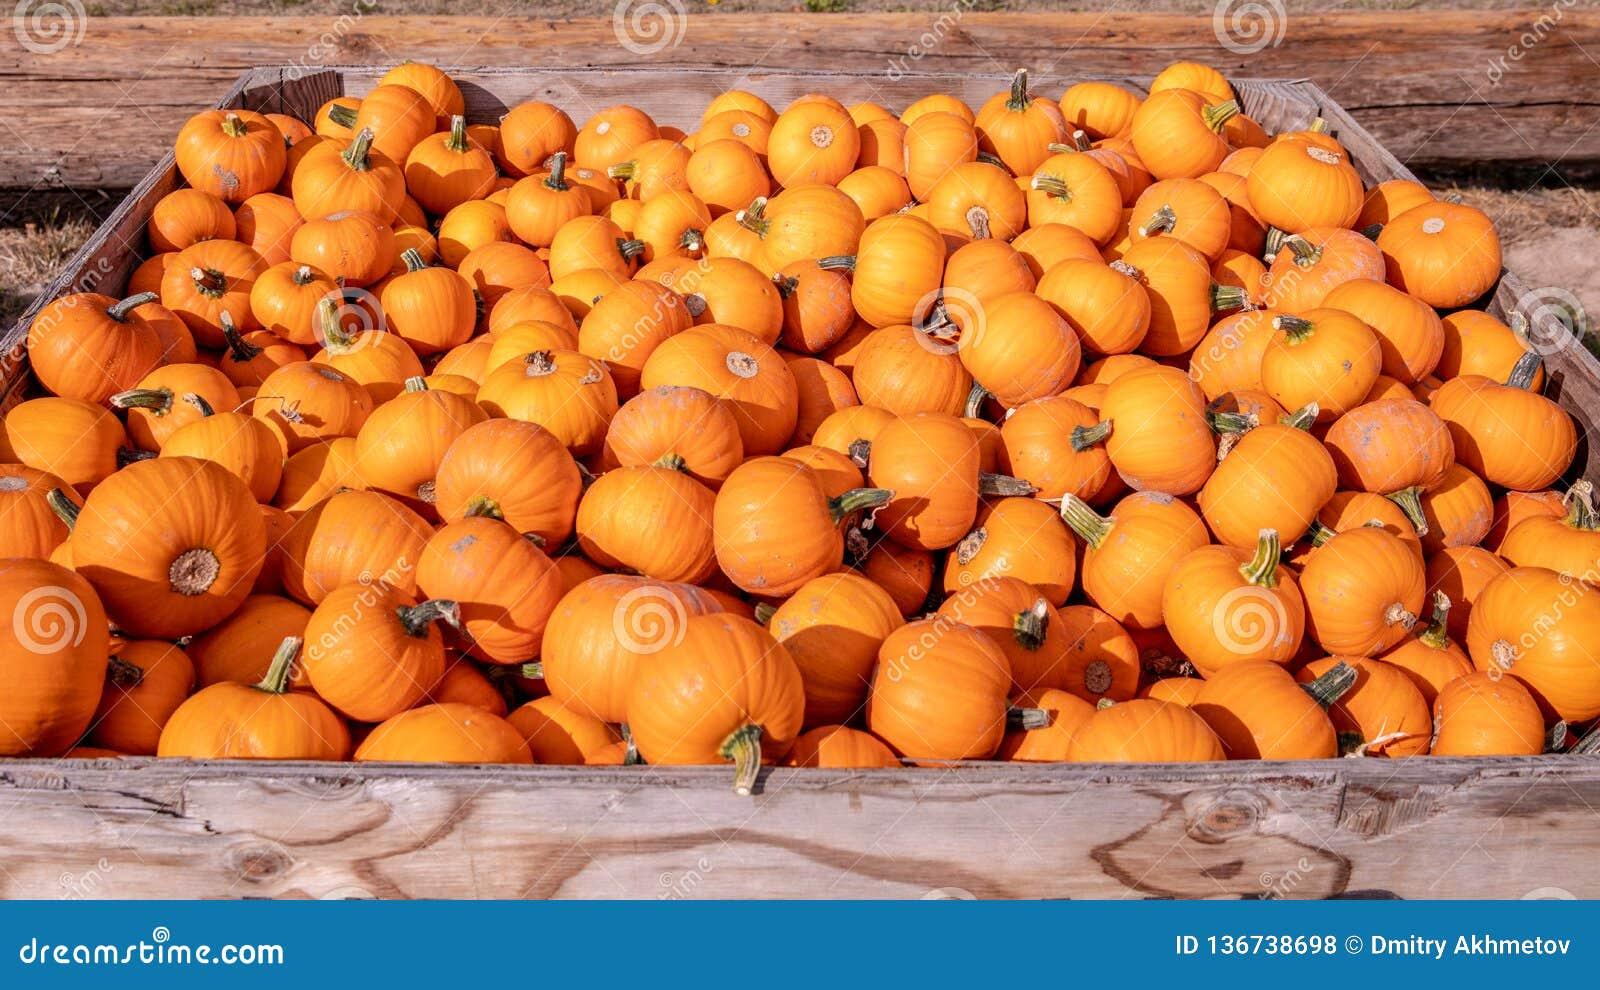 Коробка вполне маленьких оранжевых тыкв на рынке фермеров